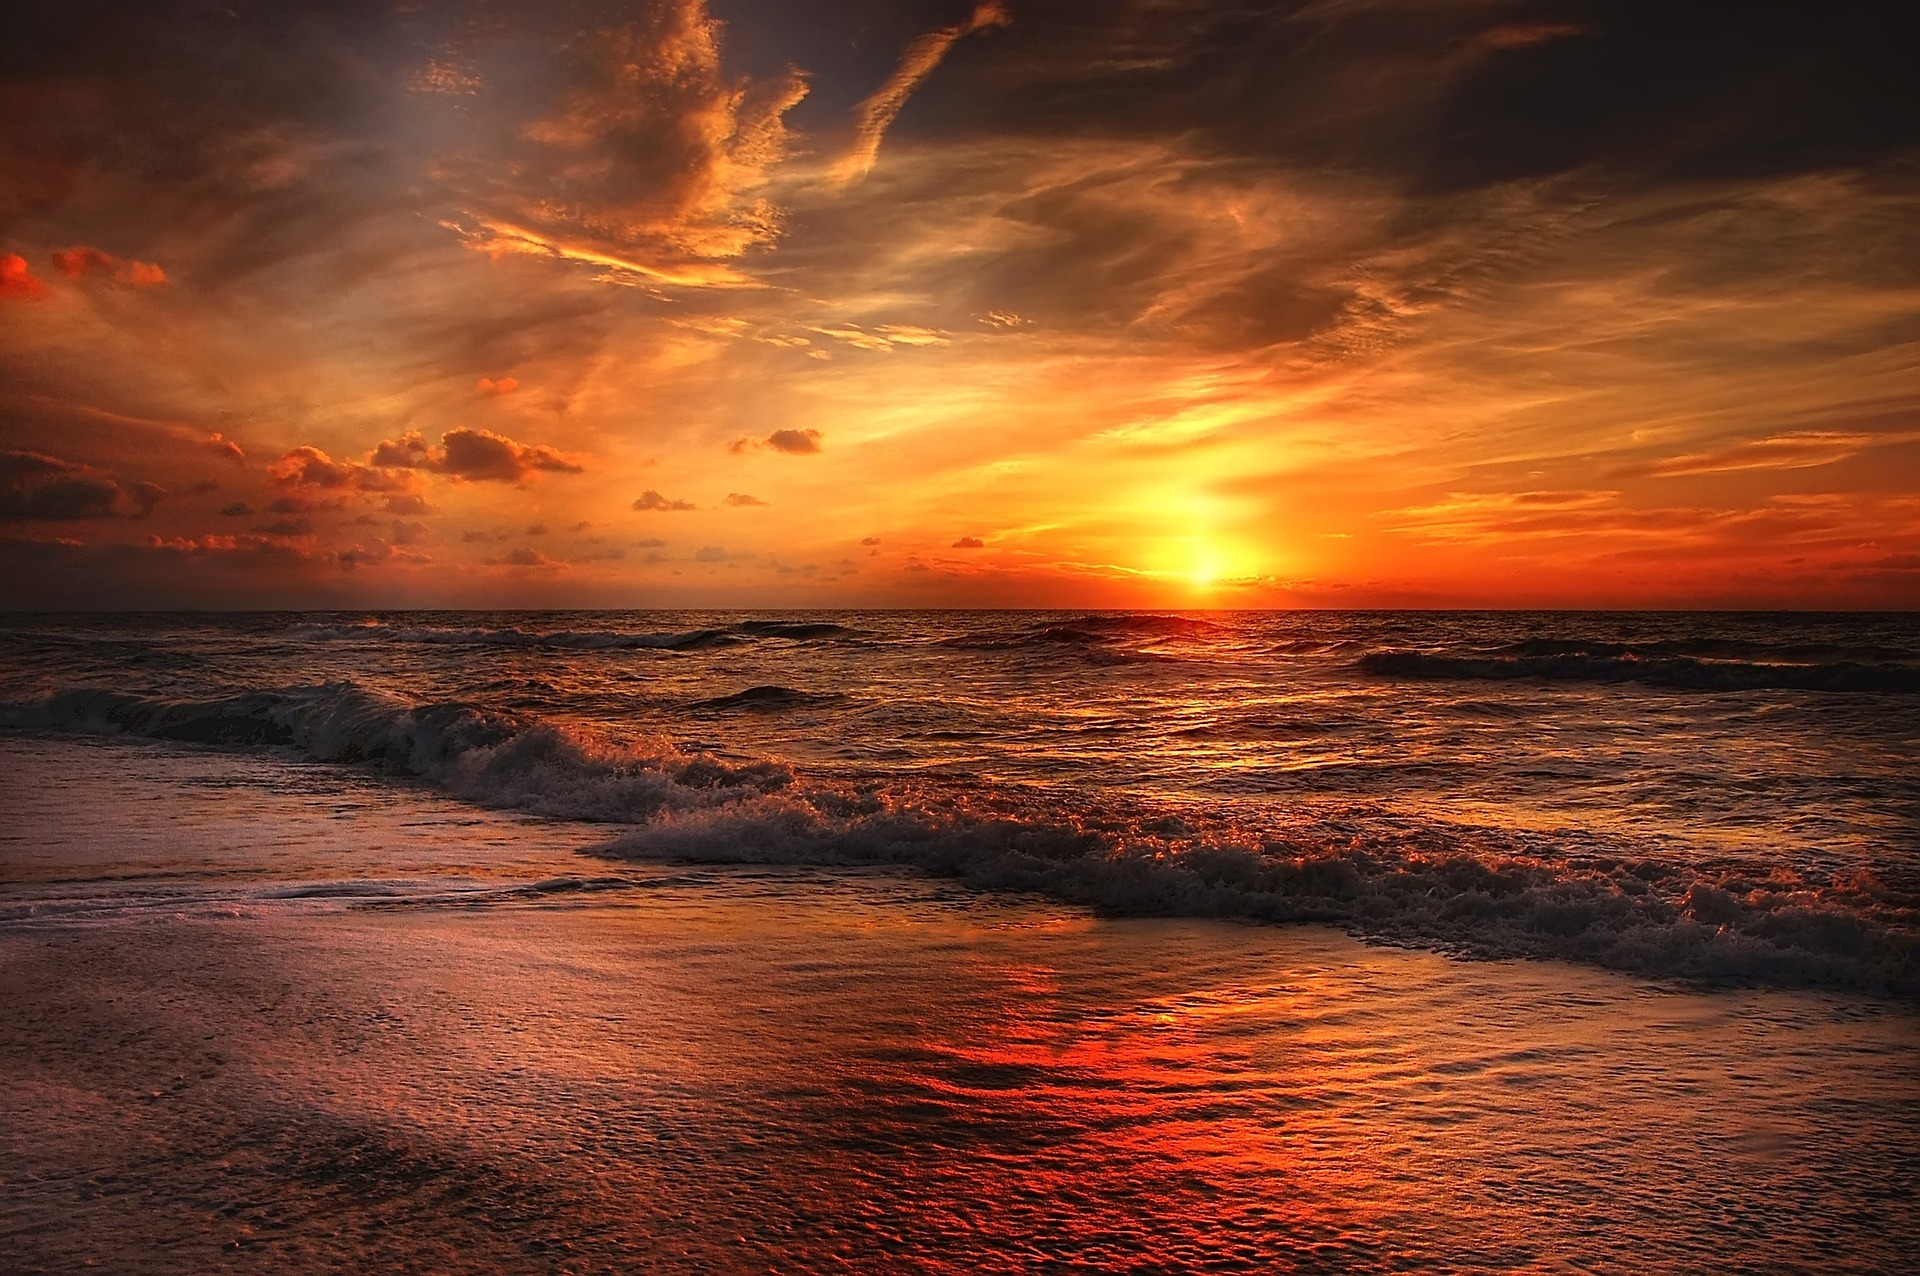 Sycylia jesienią, Sycylia, jesień, zachód słońca, morze, zachód słońca nad morzem, saliny w Trapani, saliny, Trapani, plaża, zachód słońca na plaży, dobre ceny, temperatura na Sycylii jesienią, klimat Sycylia jesienią, klimat na Sycylii jesienią, klimat Sycylia jesień, pogoda Sycylia jesień, pogoda na Sycylii jesienią, pogoda Trapani jesień, pogoda w Trapani jesienią, czy warto jechać na Sycylię jesienią, dlaczego jechać na Sycylię jesienią